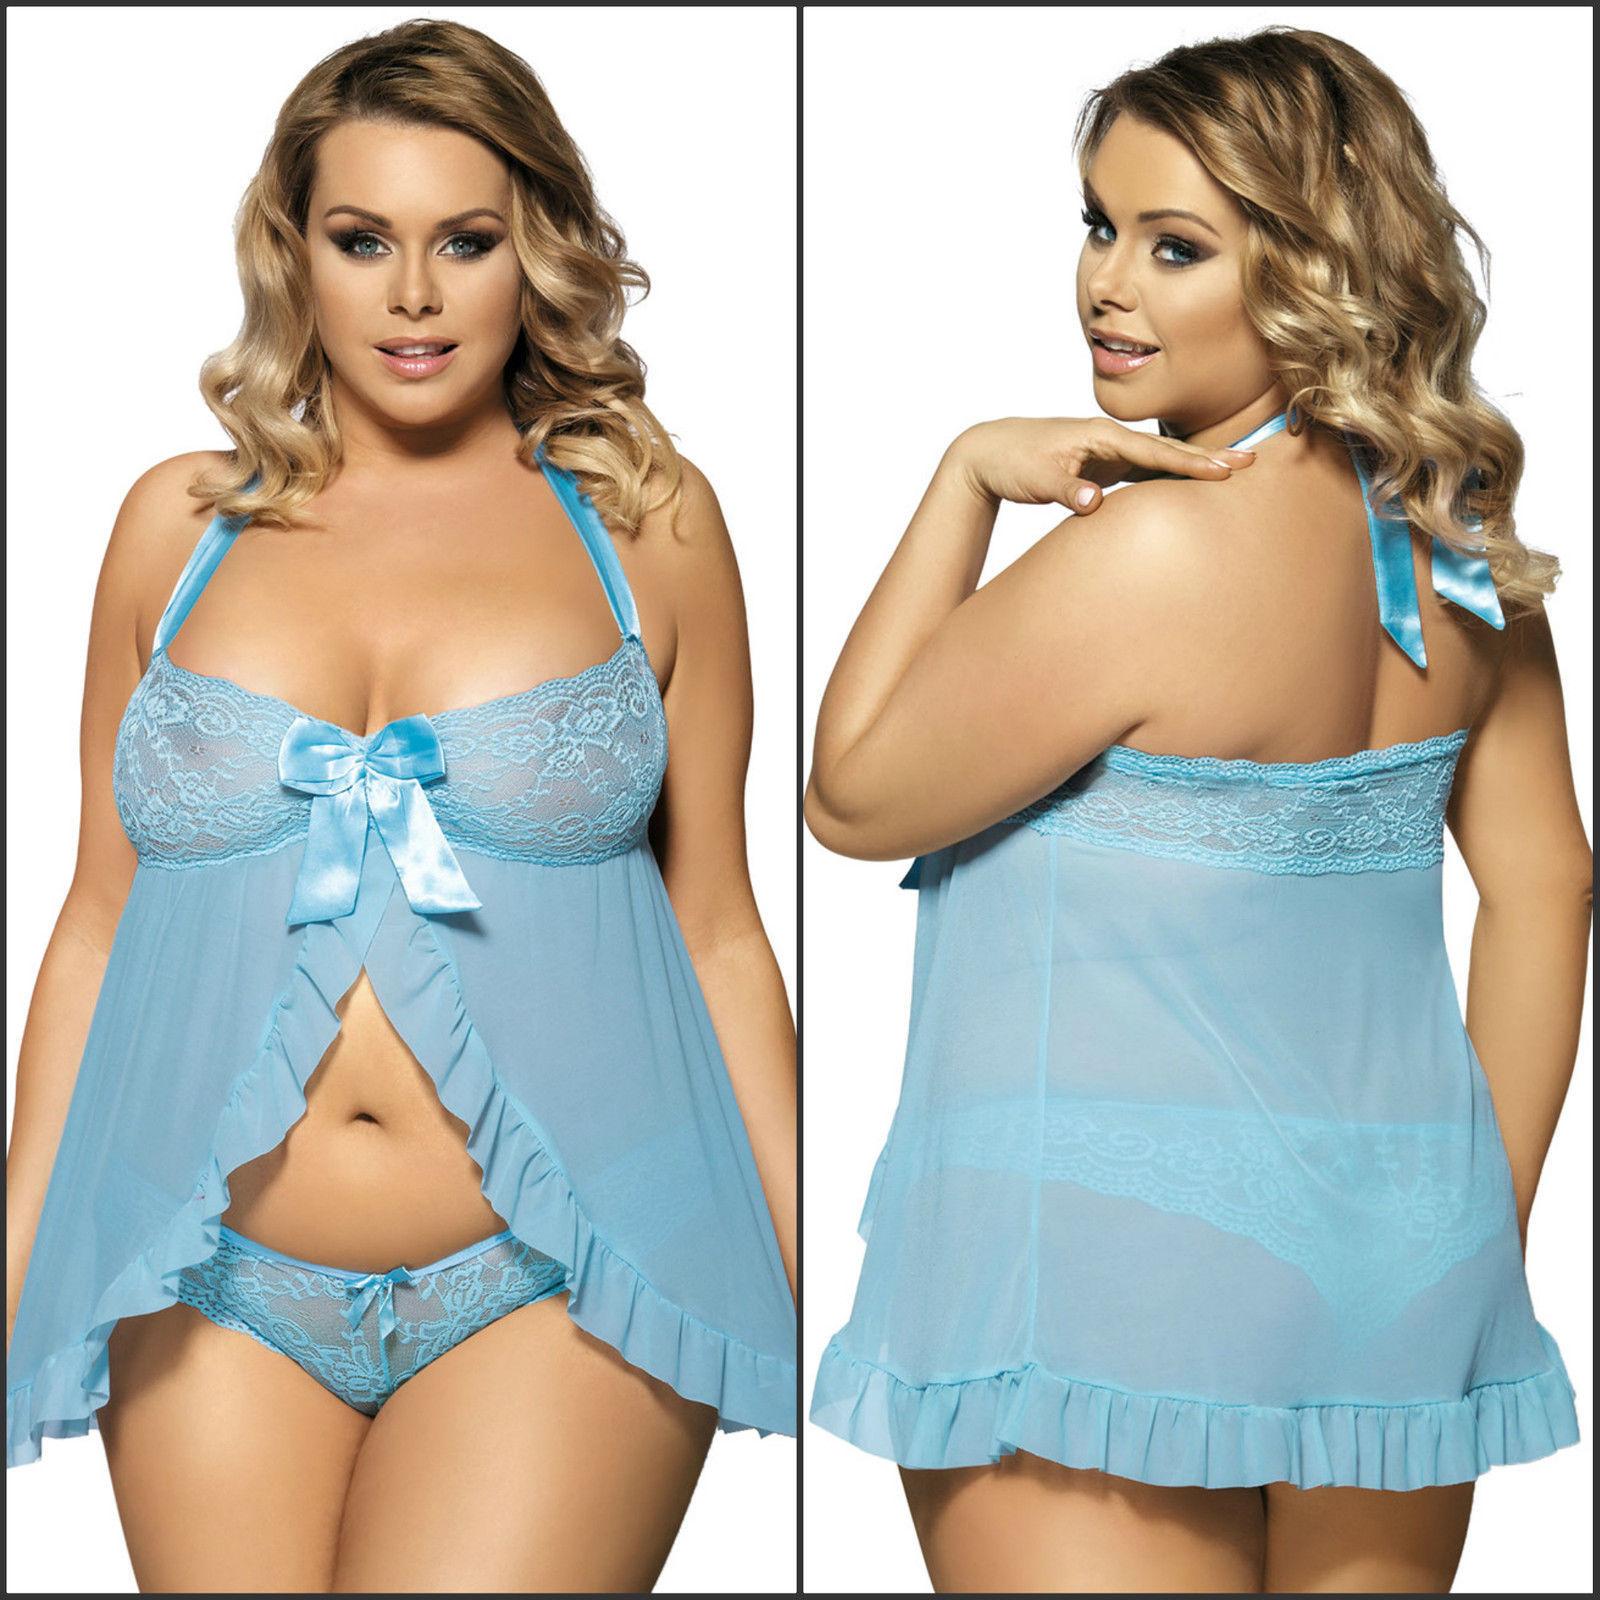 c69285159b0 Sexy Plus Size gray Lingerie Nightwear Underwear Babydoll Sleepwear Lace  Dress